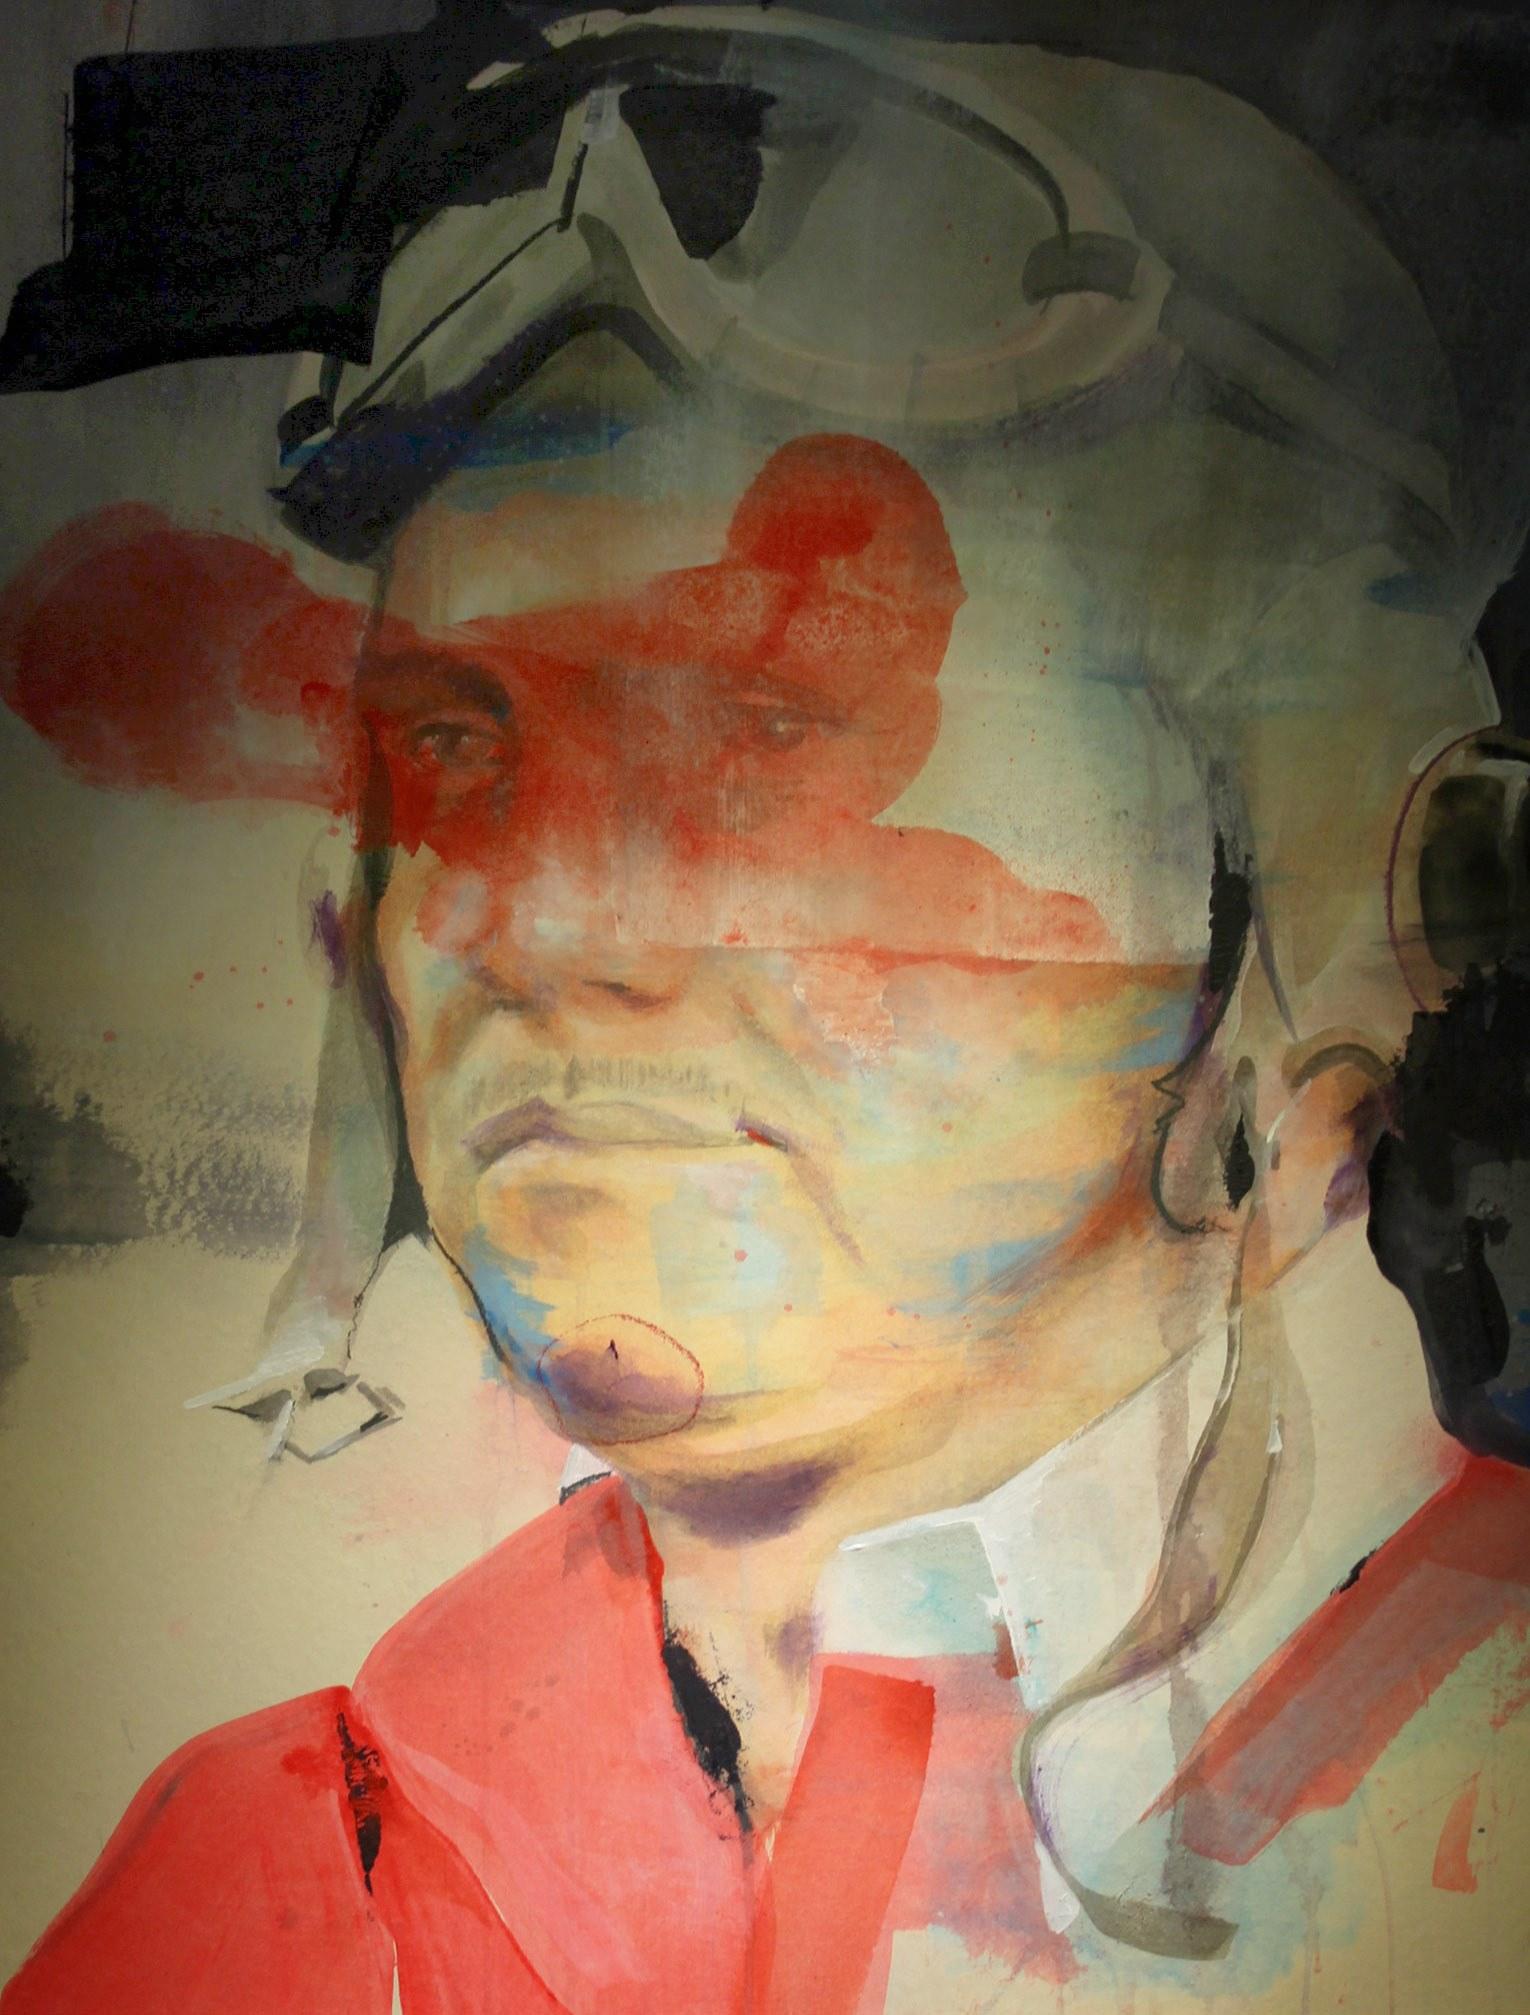 Fliegerportrait  2013, 69 x 100 cm Acryl und Kreide auf Karton  650 €